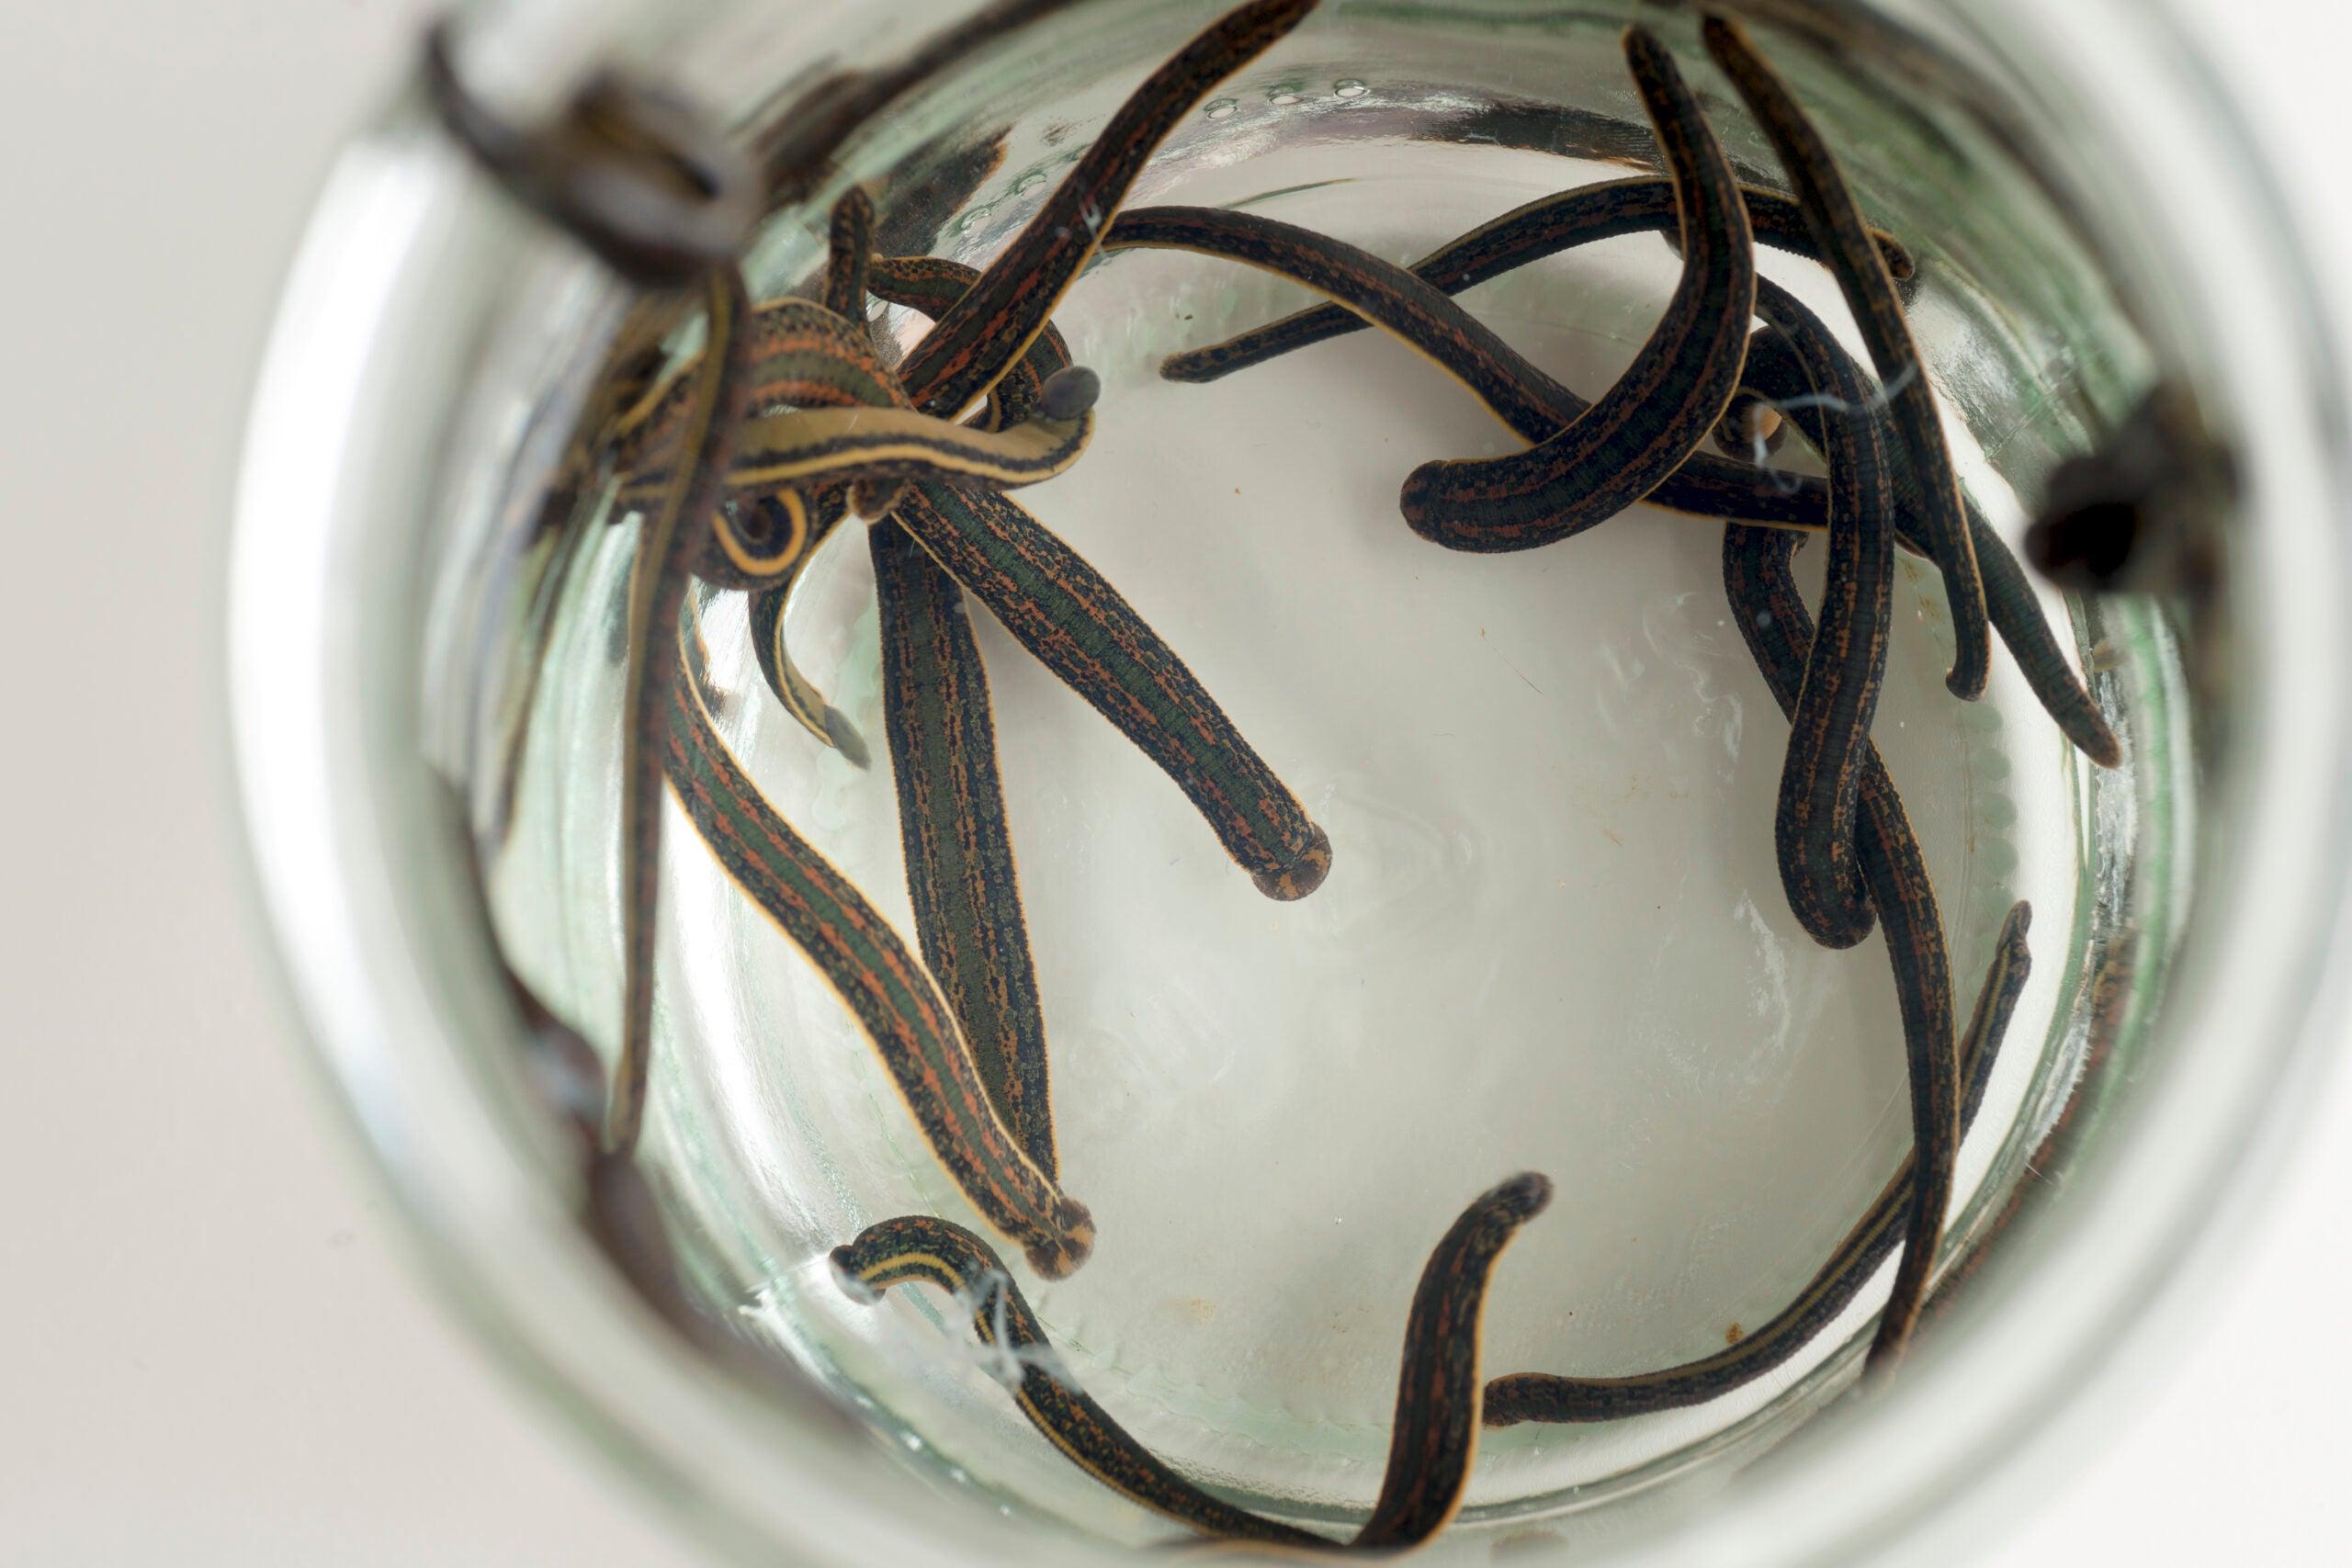 Modern medicine still needs leeches